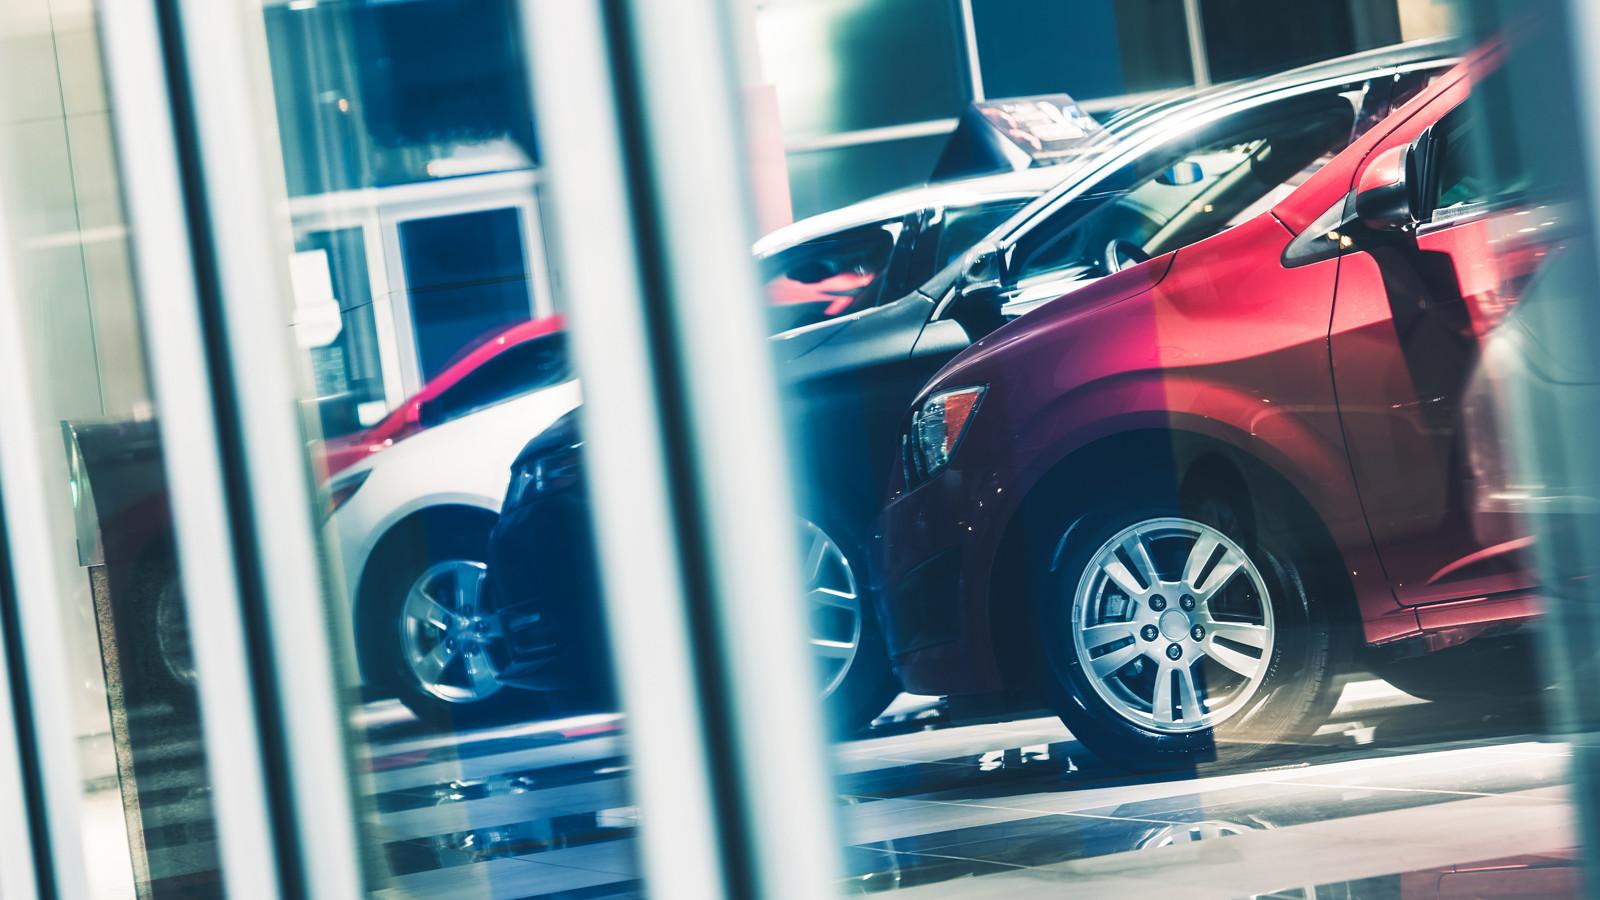 Втечении следующего года в Российской Федерации продадут порядка 1,3 млн легковых авто — специалисты